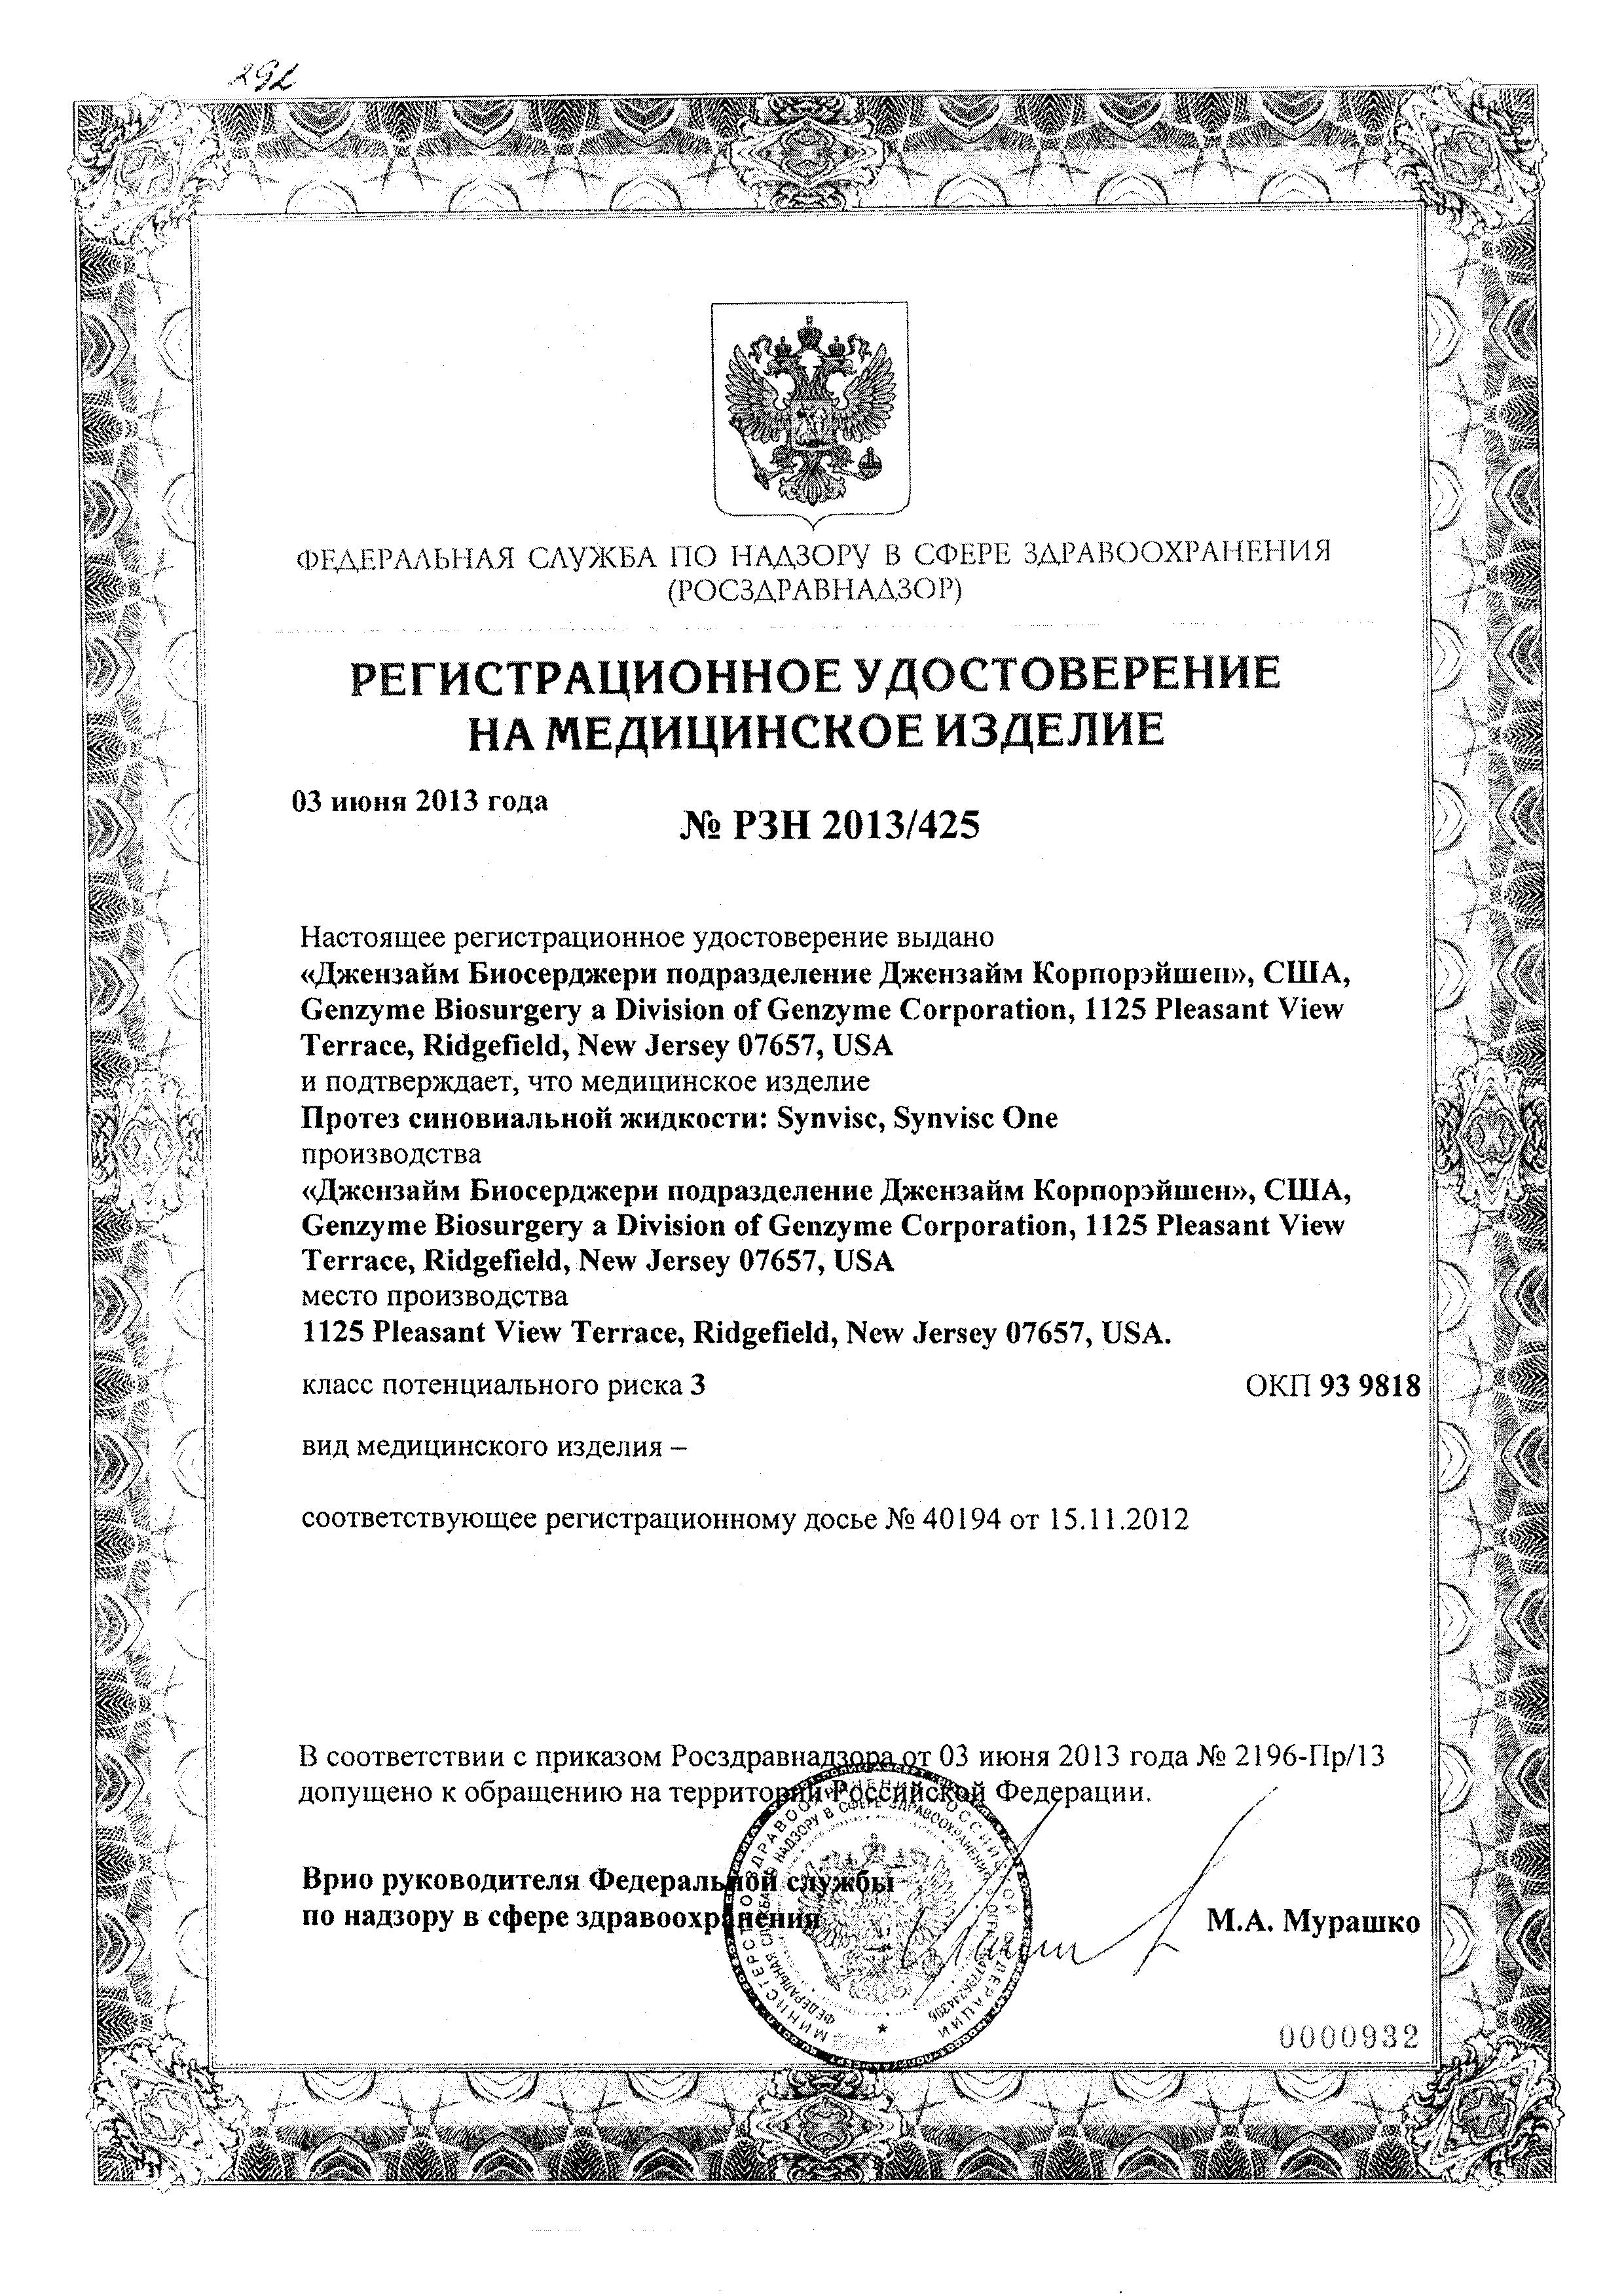 Синвиск I сертификат